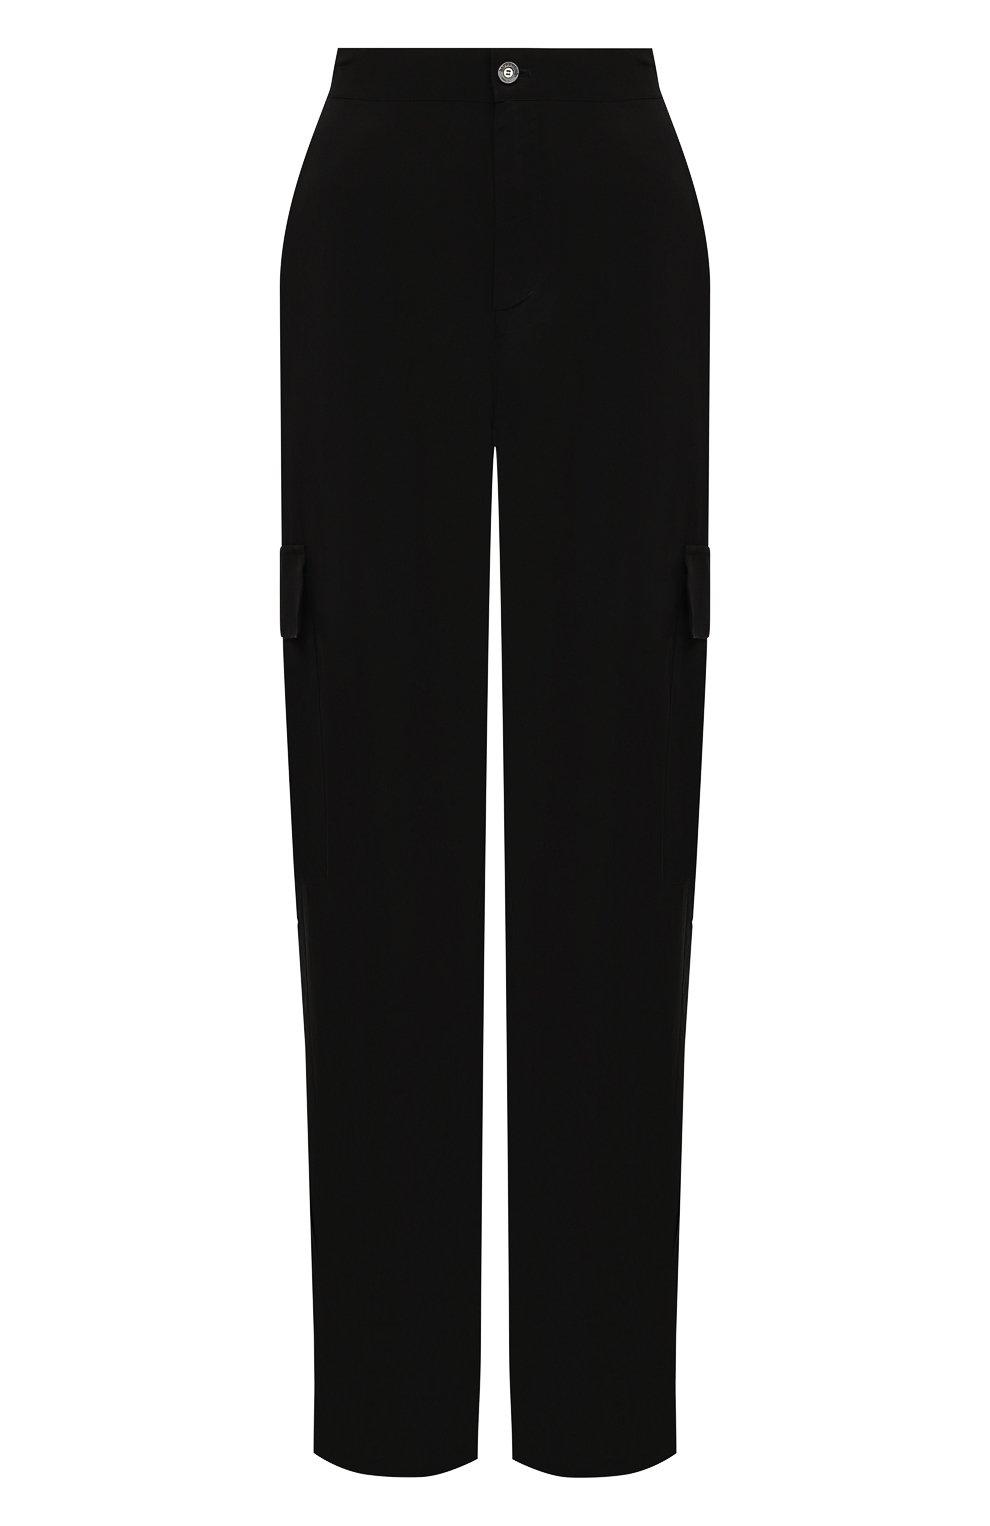 Женские брюки из вискозы 5PREVIEW черного цвета, арт. 5PW21103 | Фото 1 (Материал внешний: Купро, Вискоза; Длина (брюки, джинсы): Стандартные; Женское Кросс-КТ: Брюки-одежда; Силуэт Ж (брюки и джинсы): Прямые; Стили: Кэжуэл)